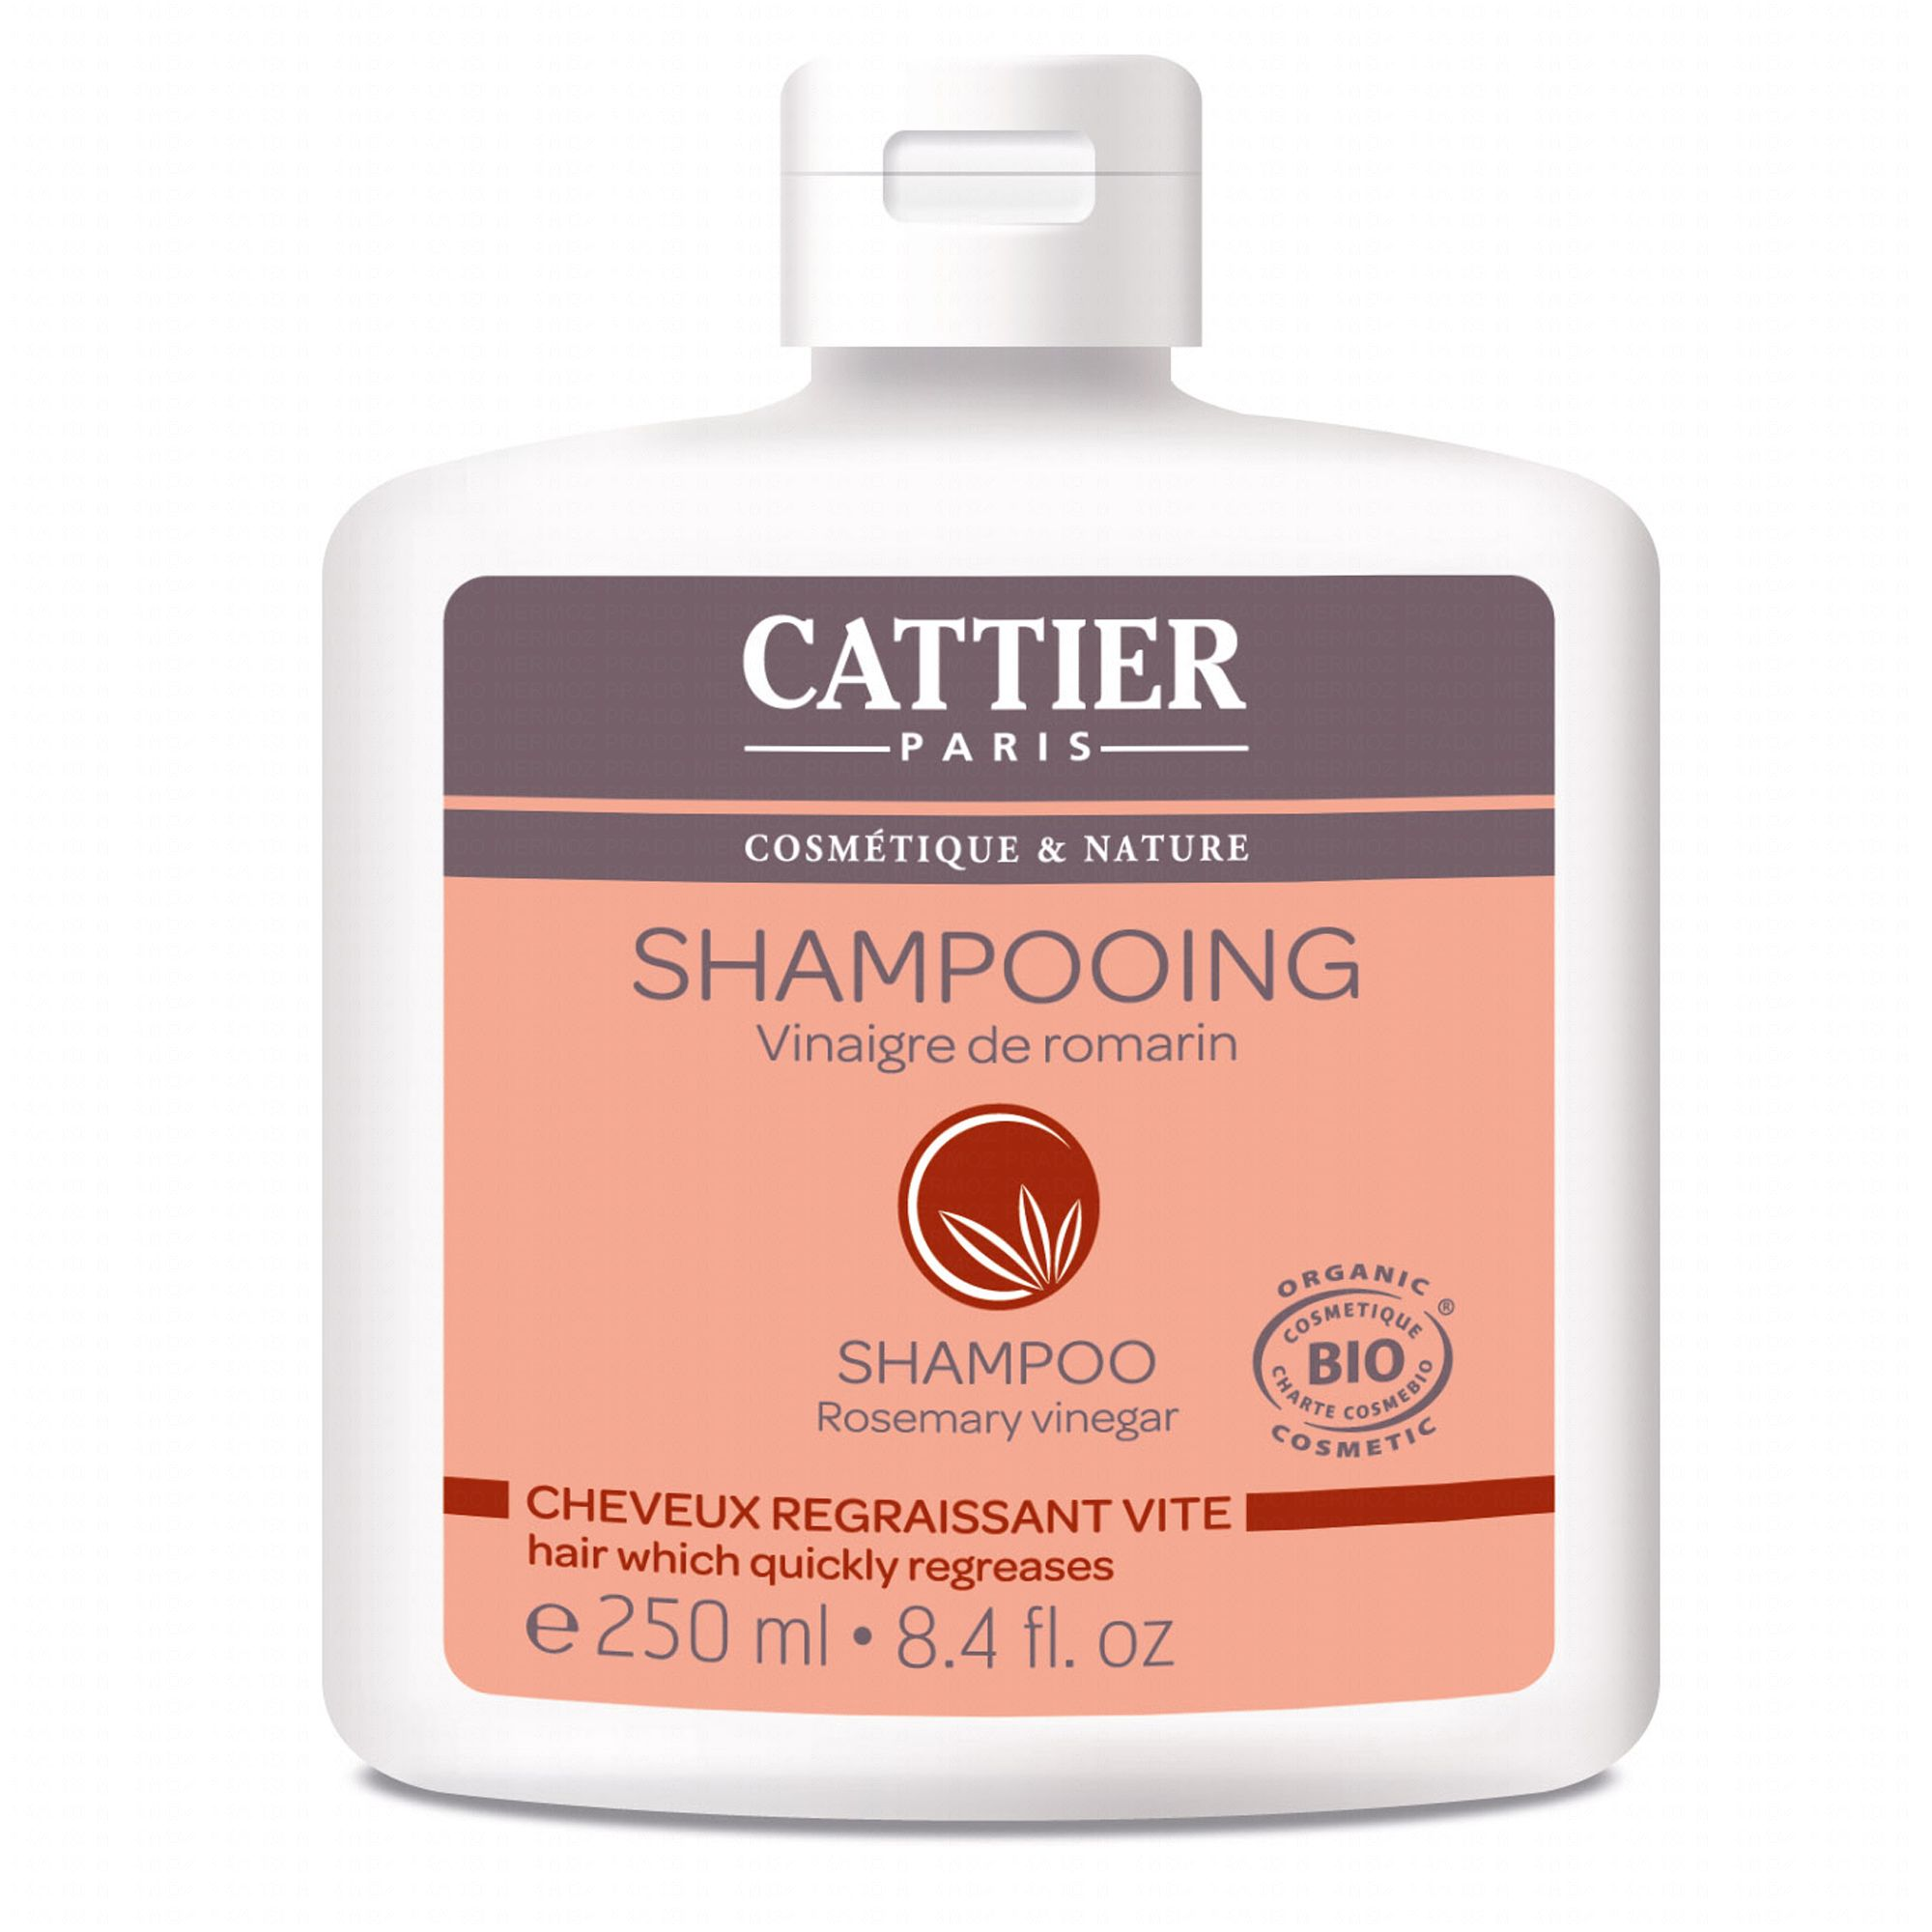 shampoing cattier